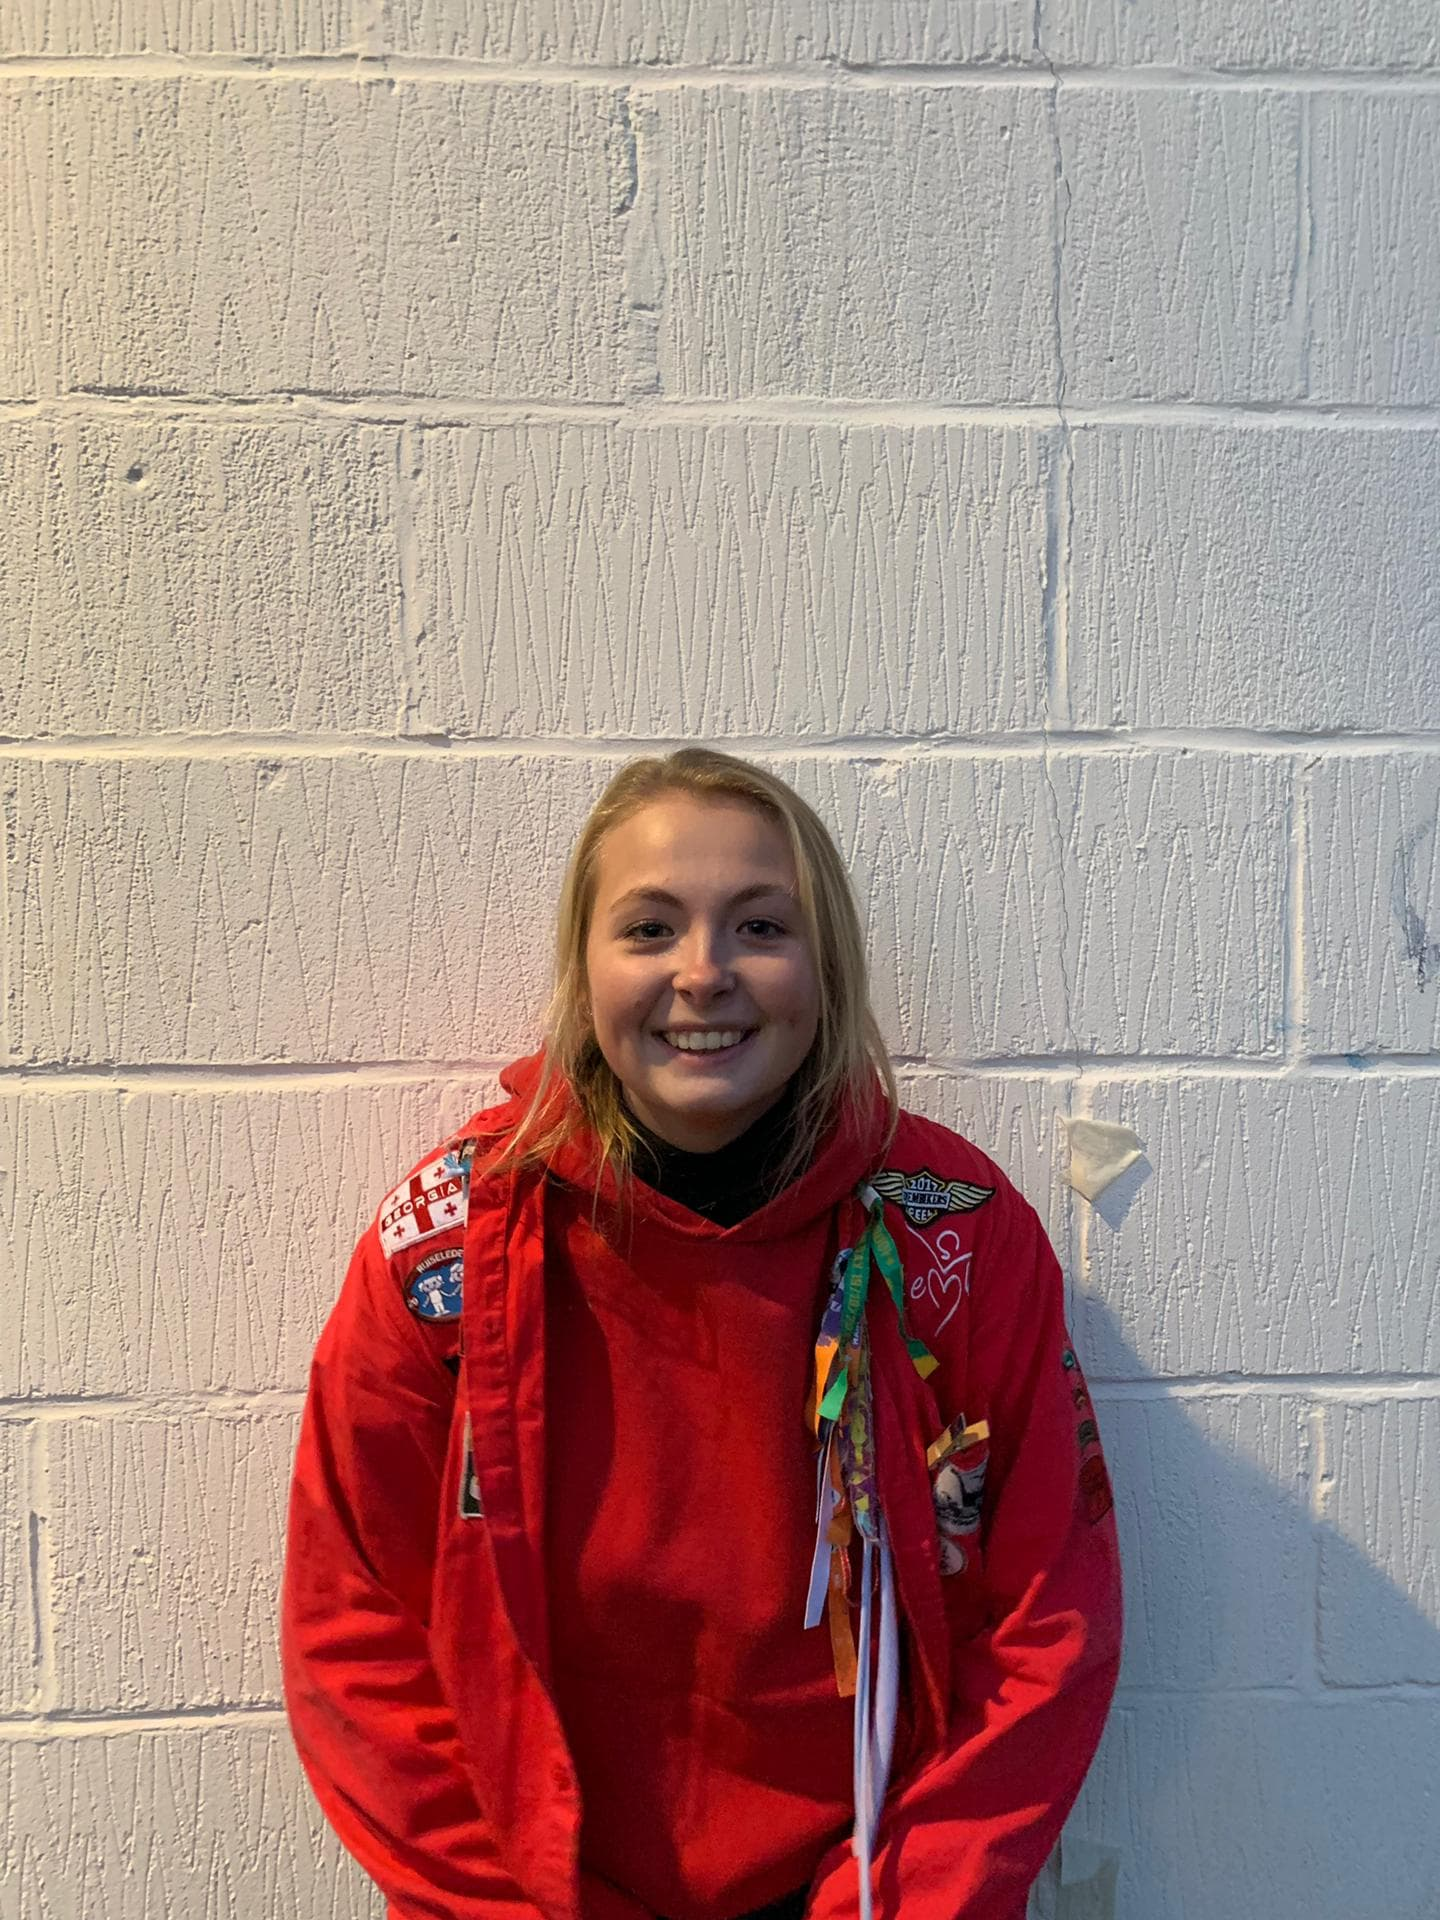 Elise Van de Voorde